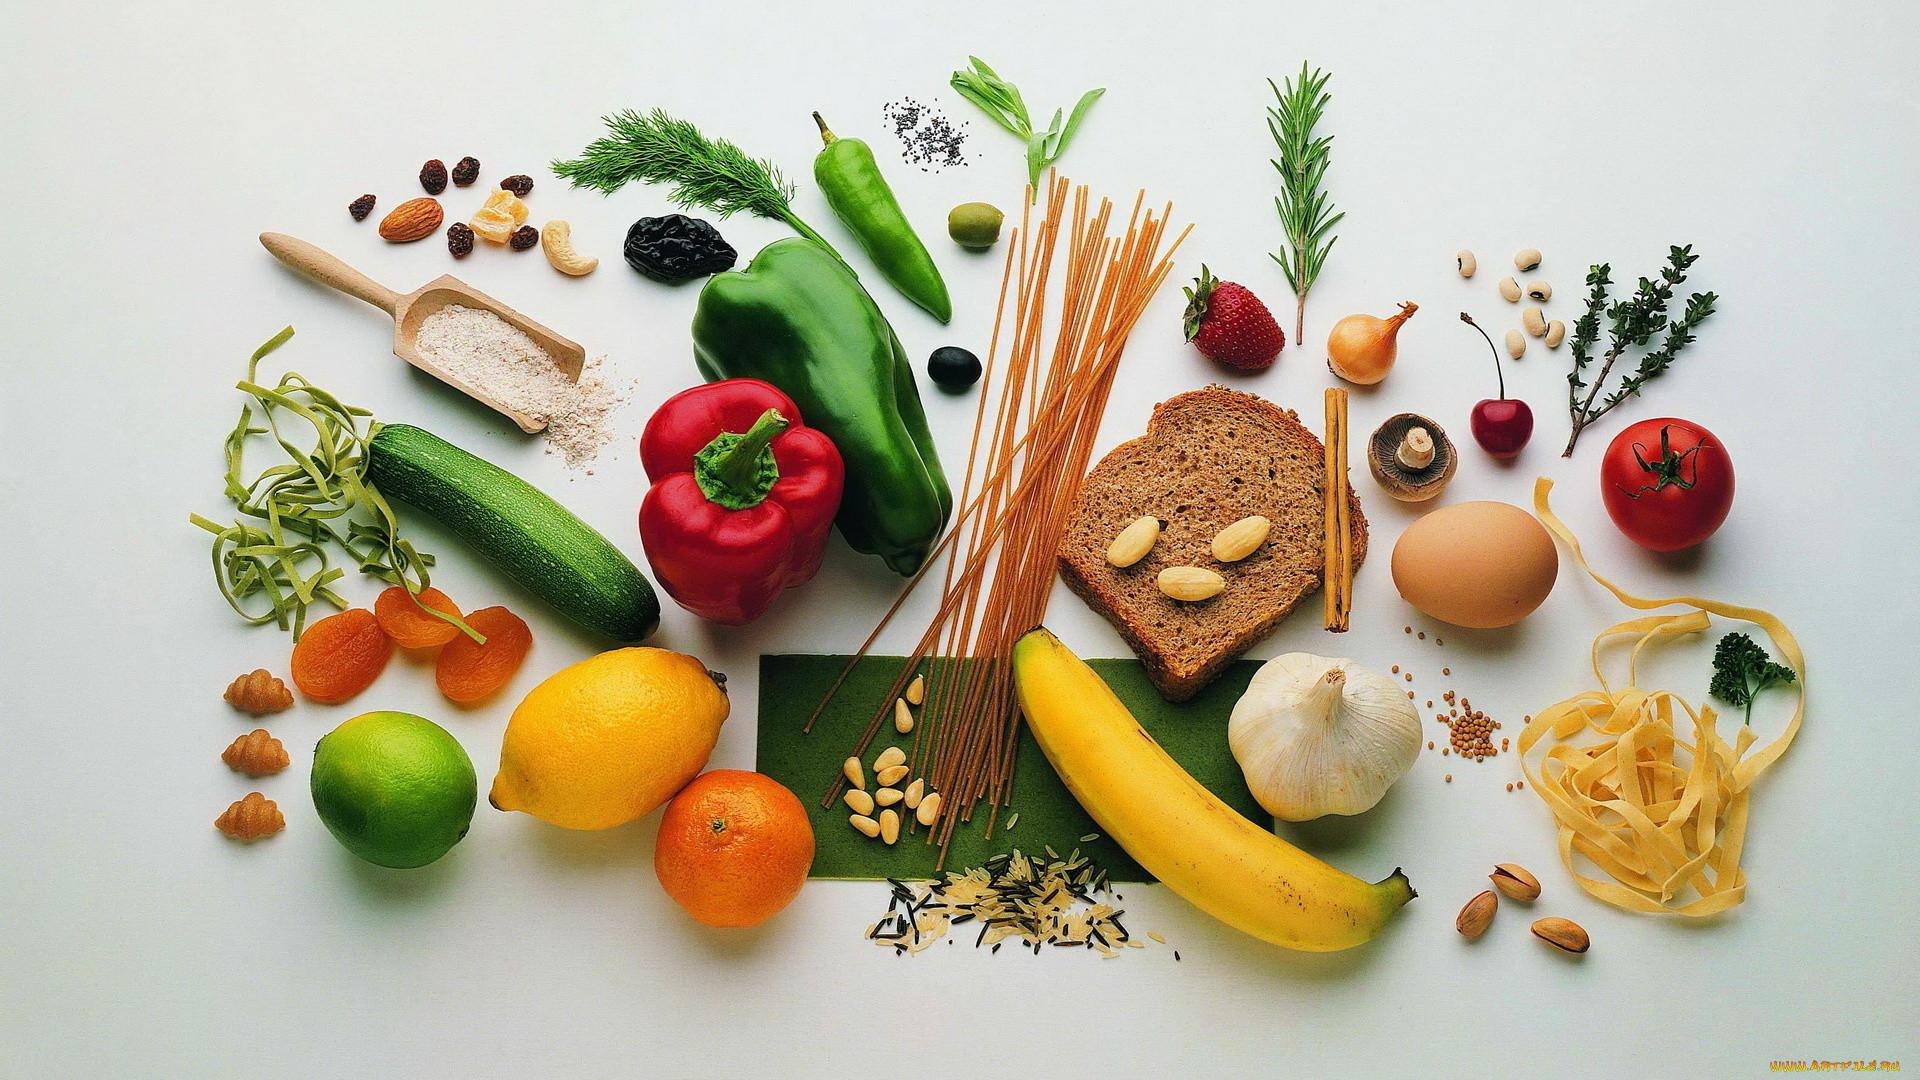 Особенности питания для набора мышечной массы и нормализации веса